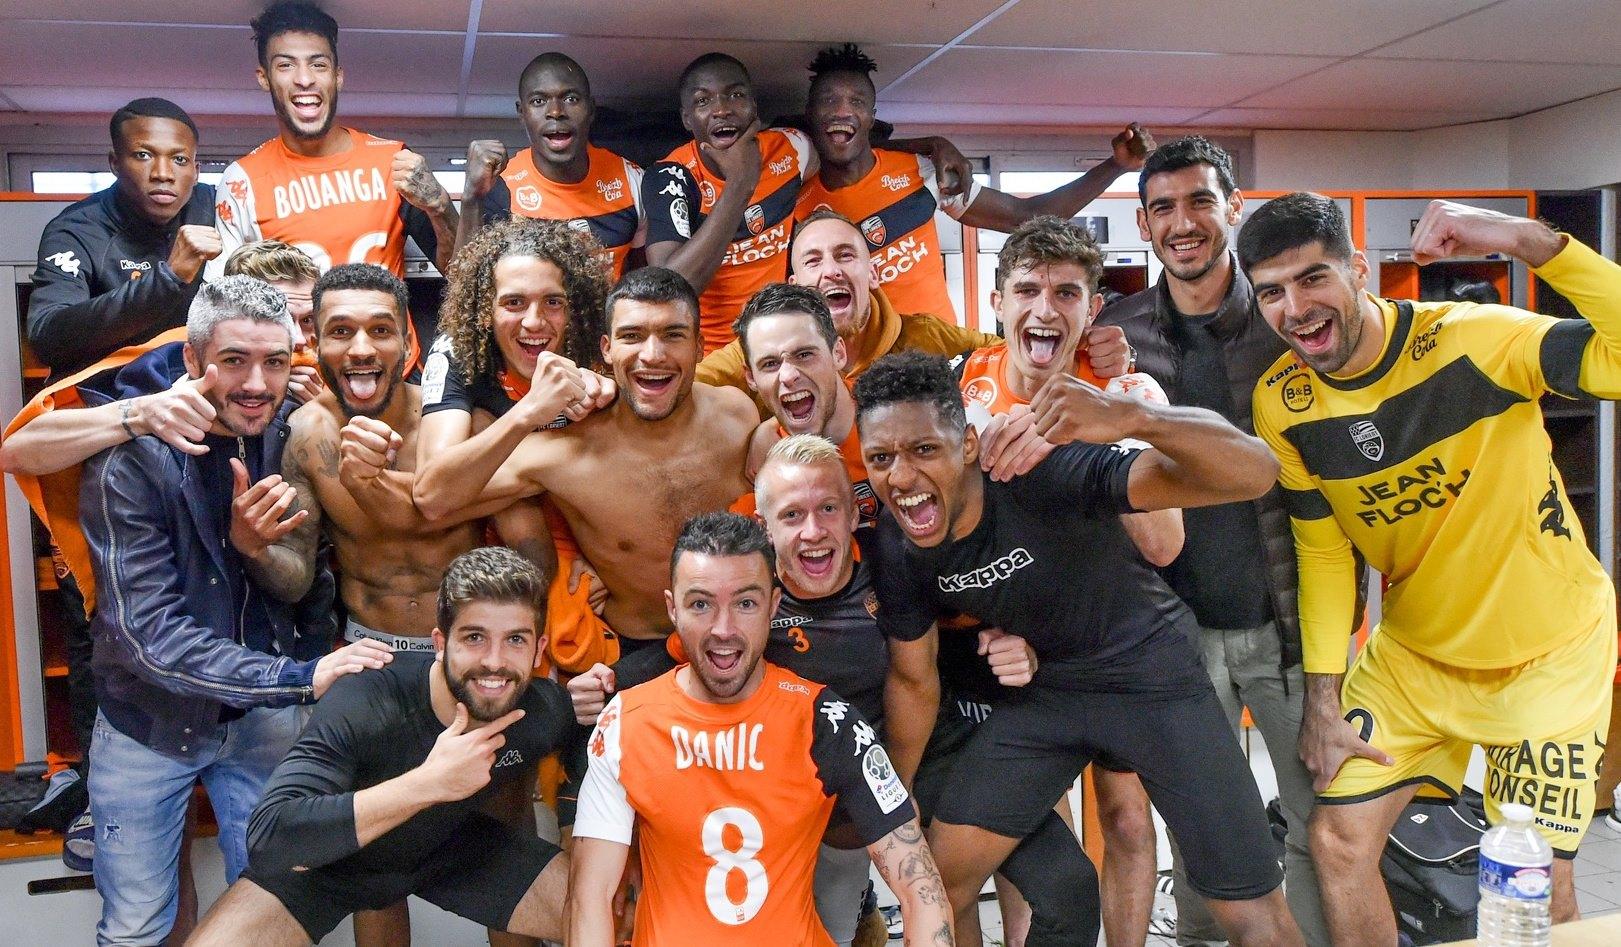 Lorient-Sochaux 16 agosto: il pronostico di Ligue 2